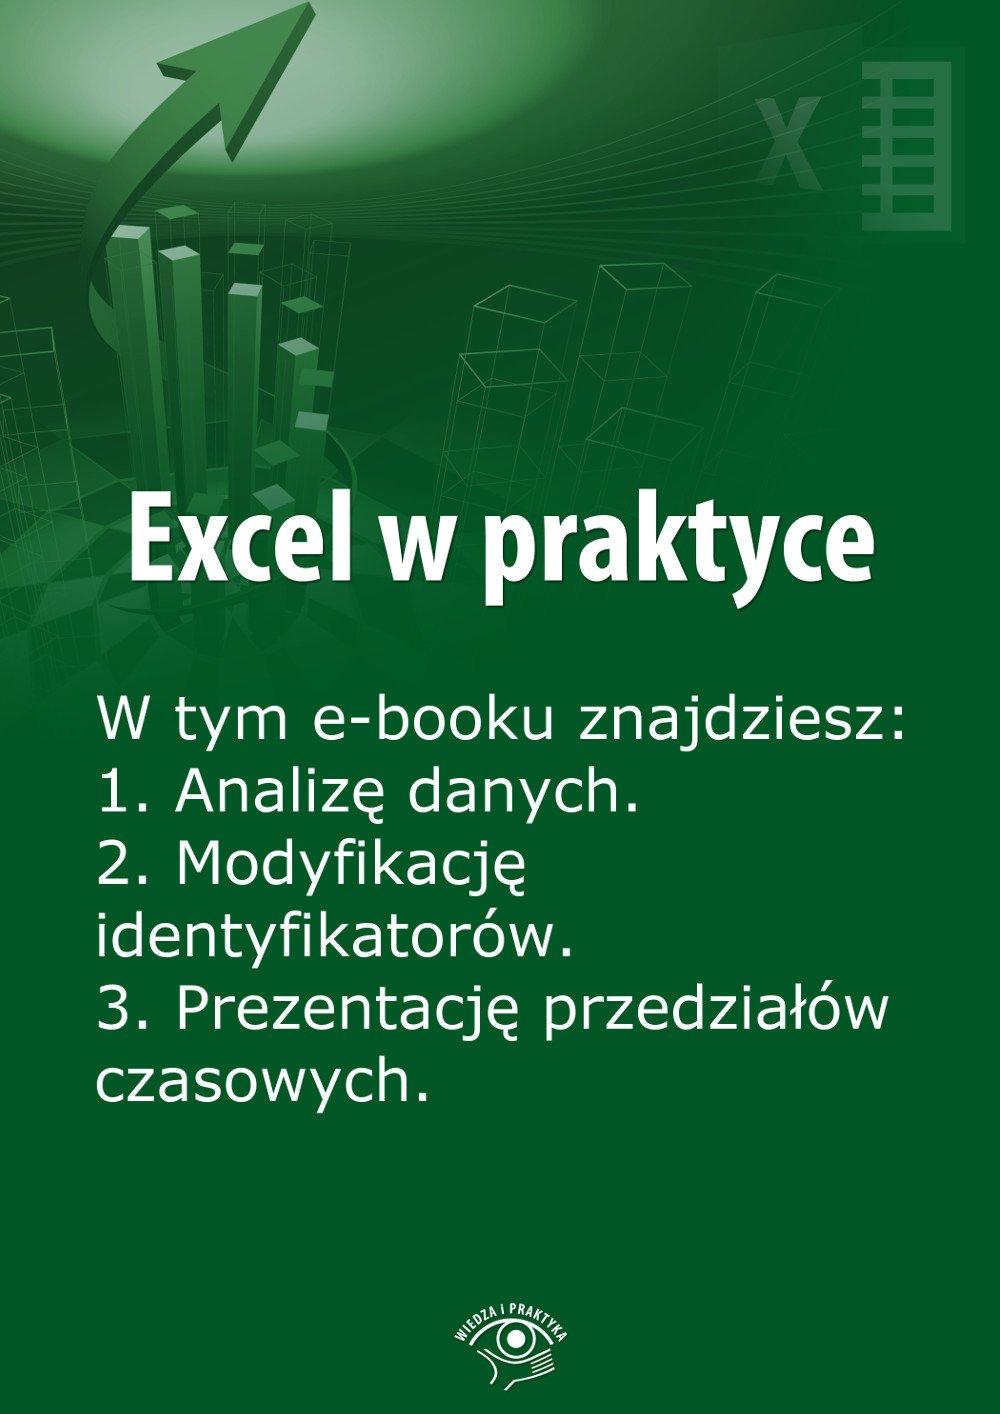 Excel w praktyce. Wydanie czerwiec 2014 r. - Ebook (Książka EPUB) do pobrania w formacie EPUB